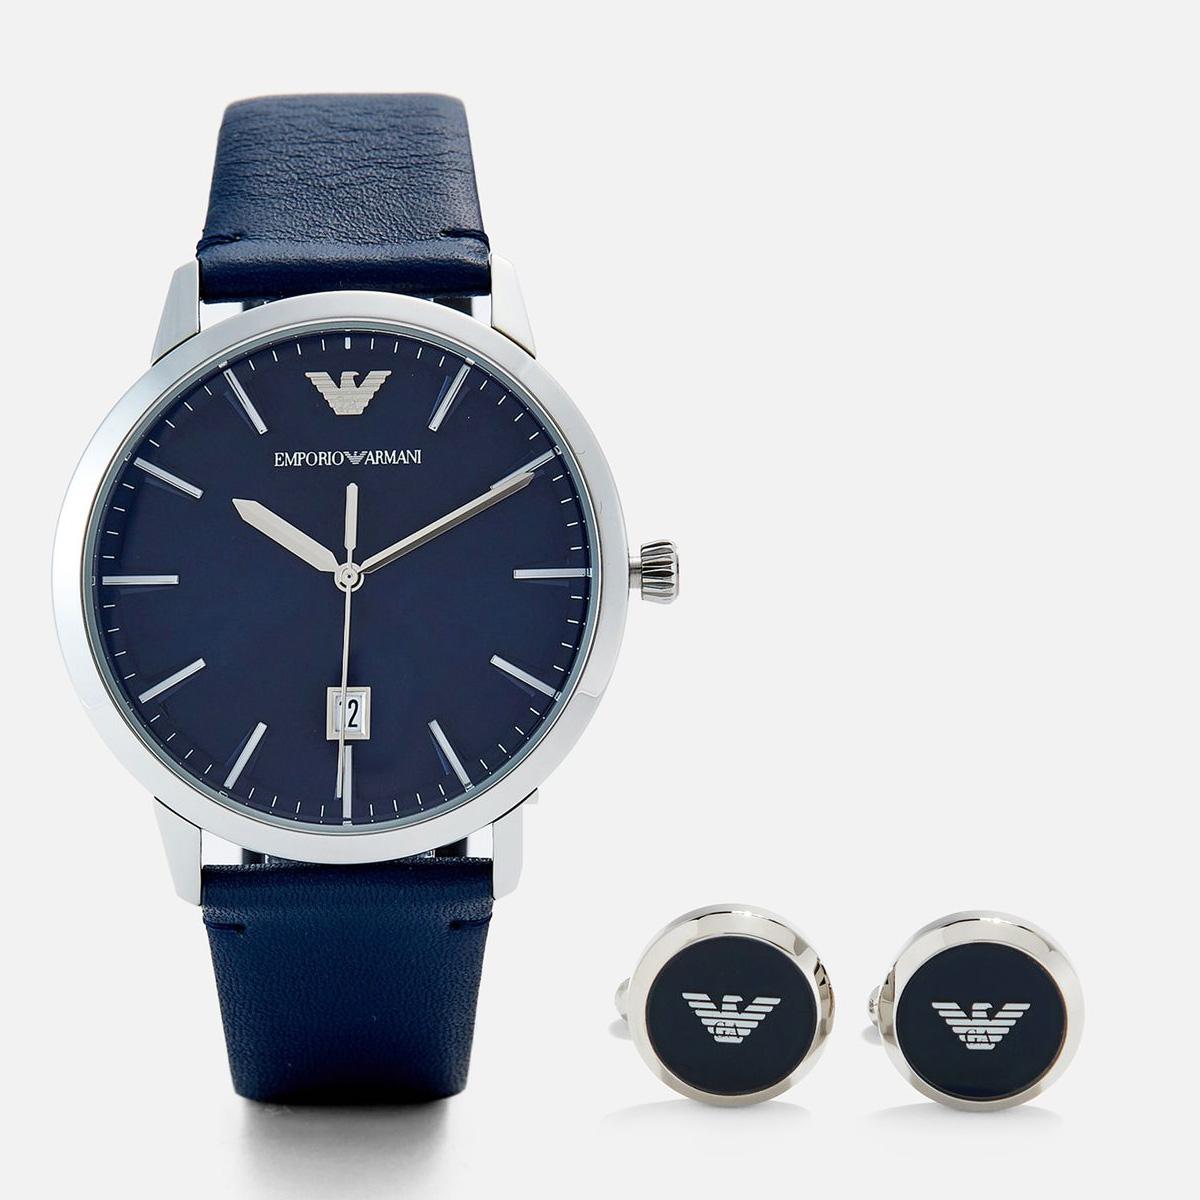 【全品送料無料】 アルマーニ エンポリオアルマーニ EMPORIO ARMANI 腕時計 メンズ RUGGERO AR80032